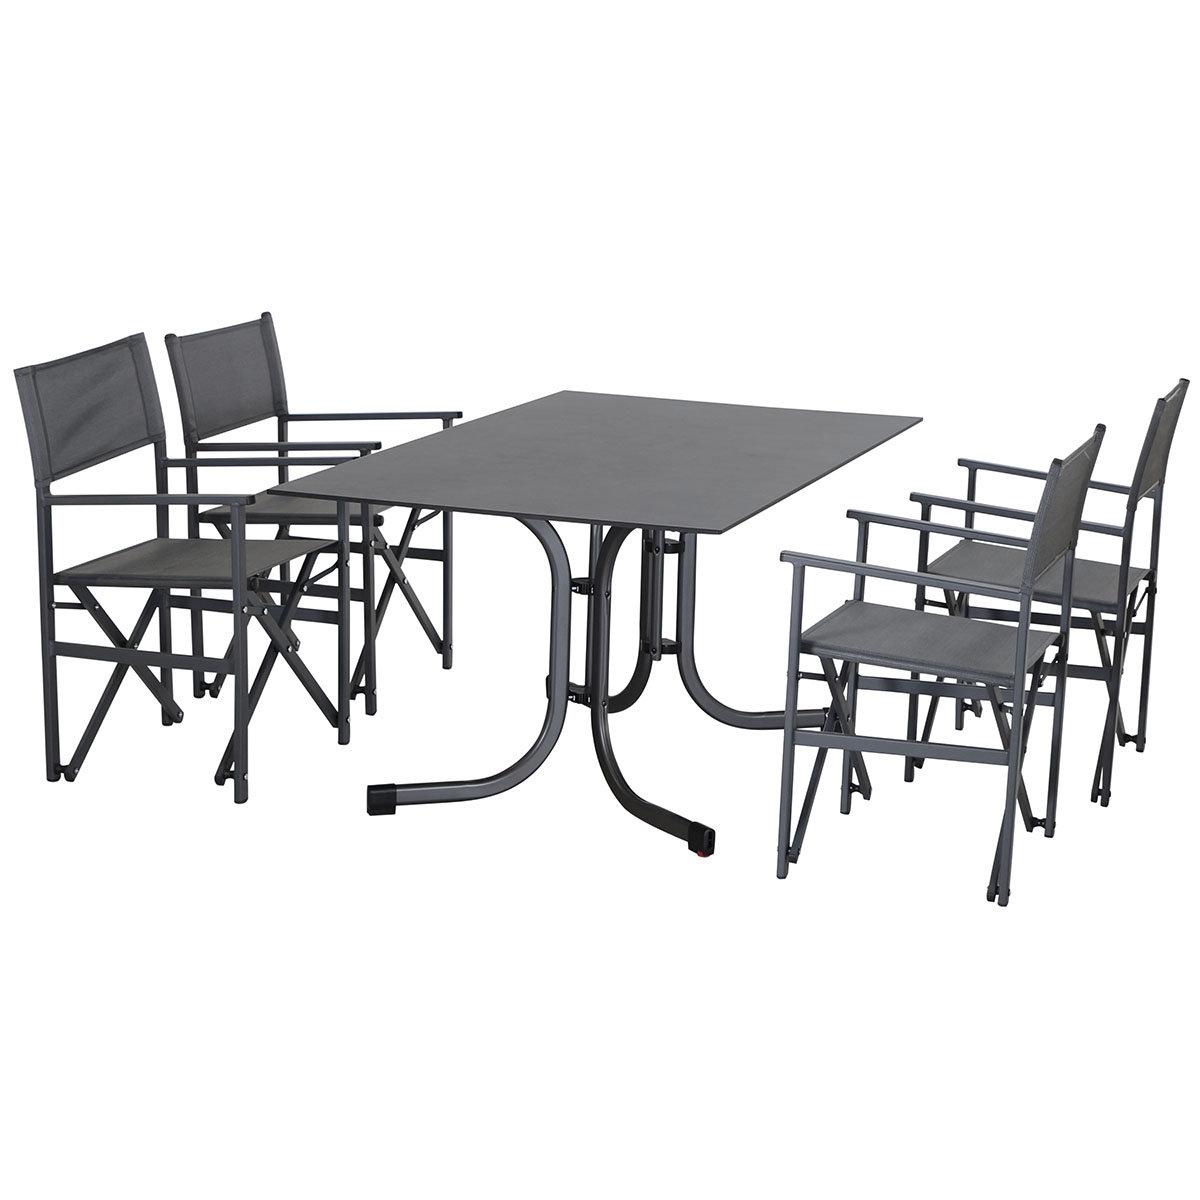 Gartenmöbel-Set Paulo mit 4 Klappsesseln und Klapptisch, 160x90 cm | #2